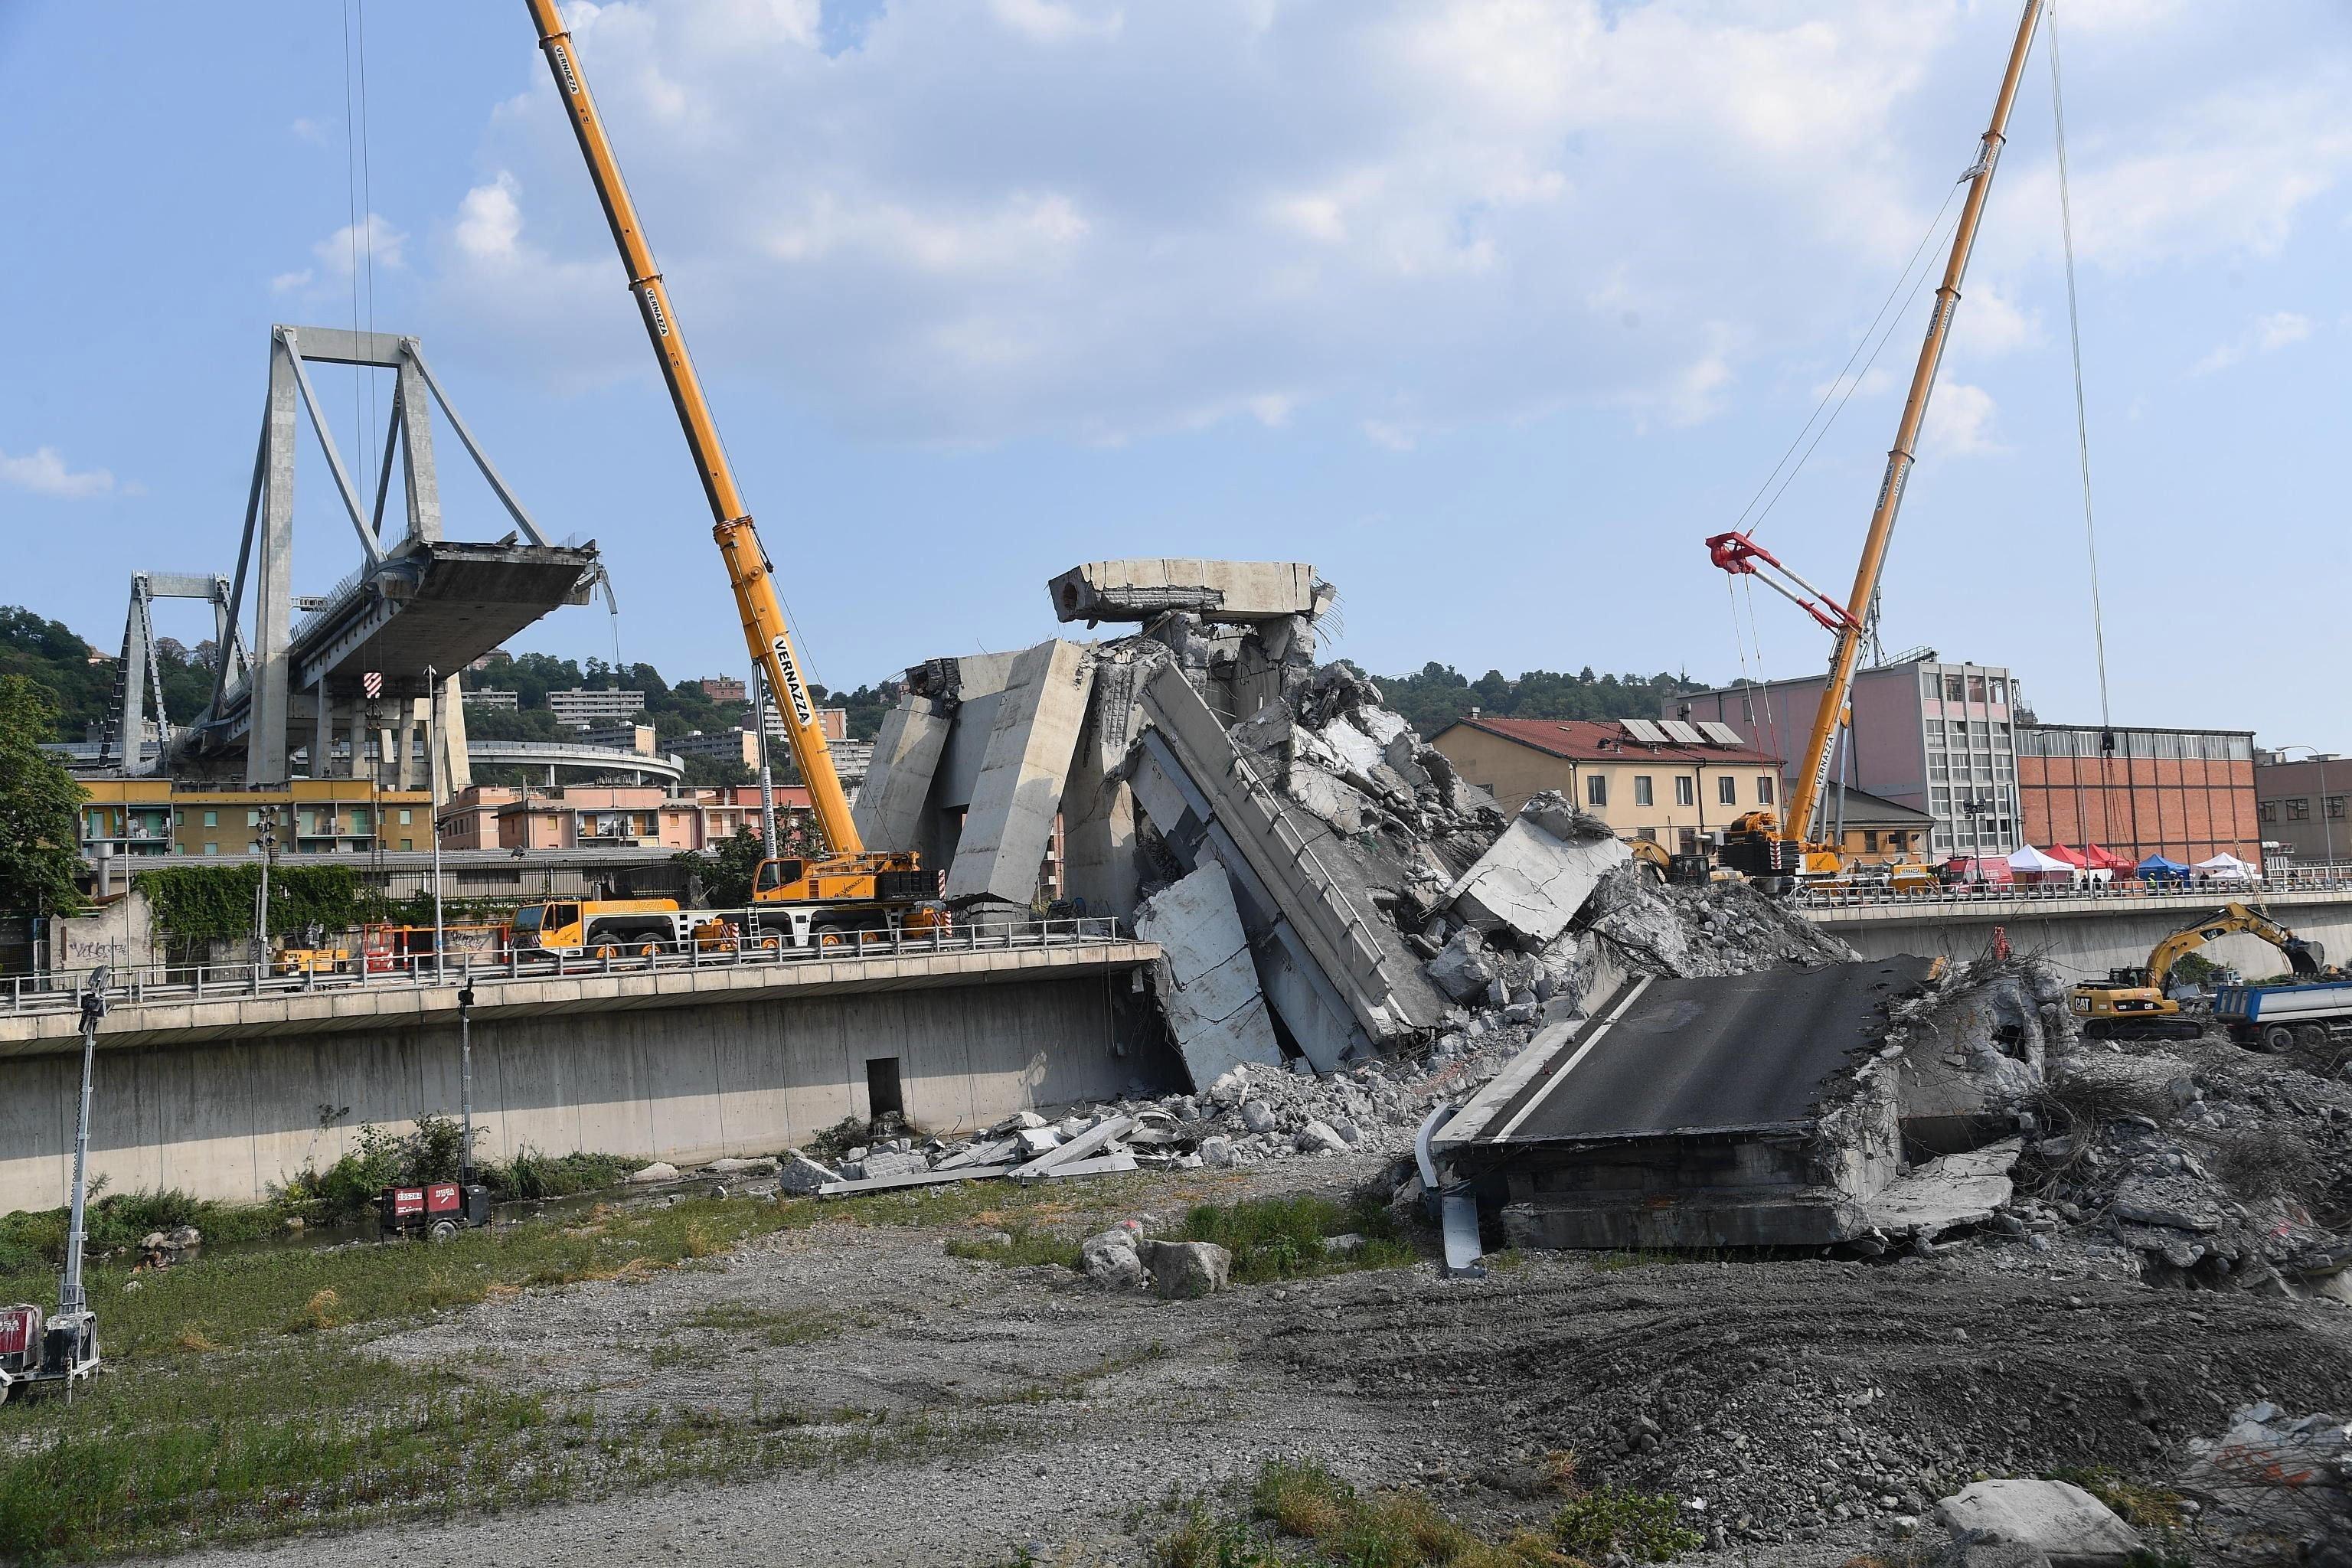 El diseñador del puente de Génova ya advirtió del riesgo - Mundo - Atlántico Diario